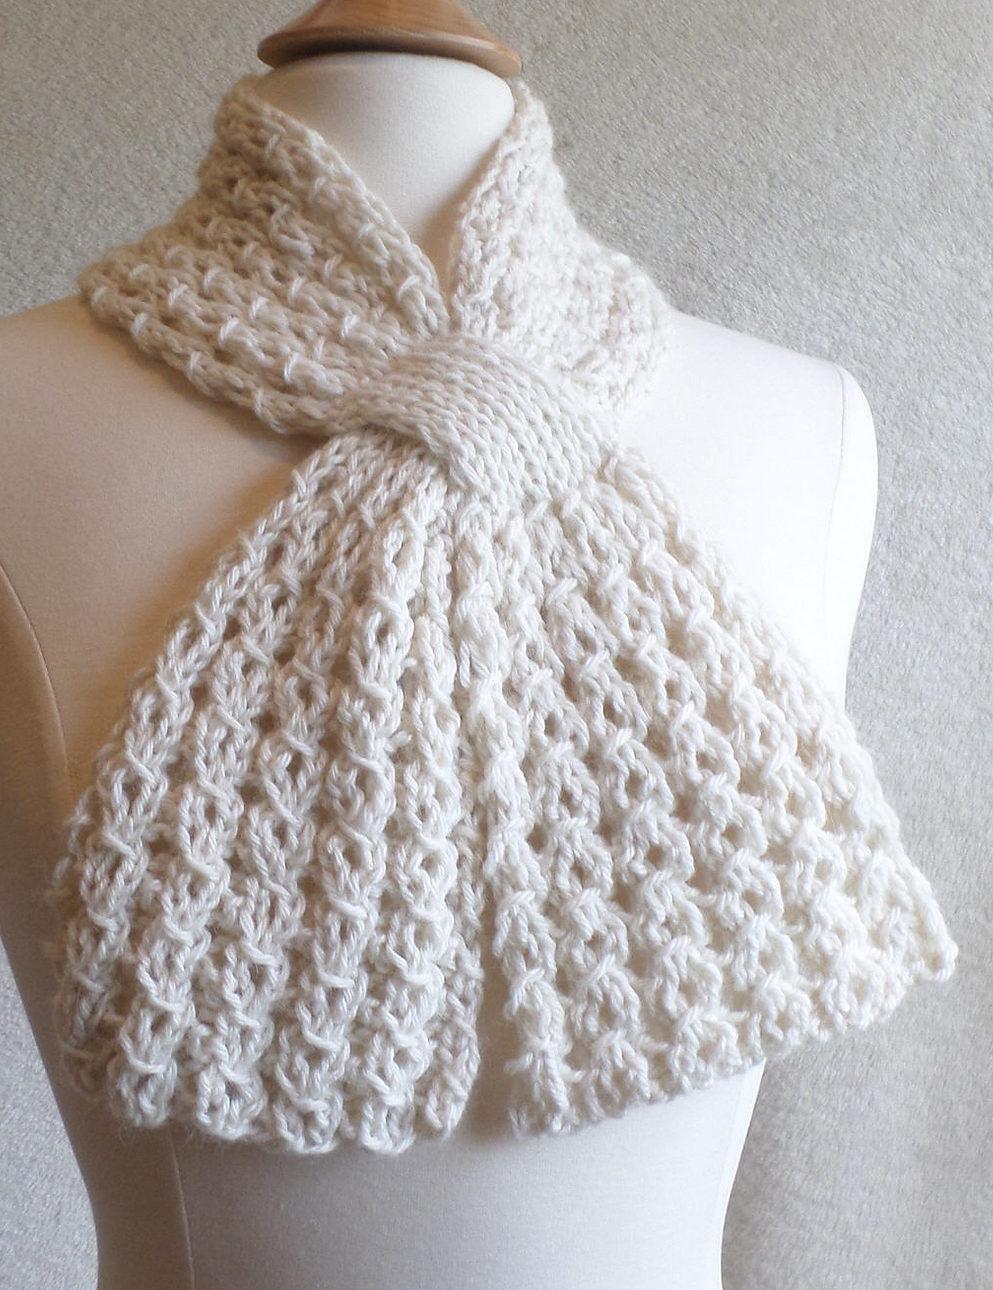 Knit Scarf Bulky Yarn Patterns